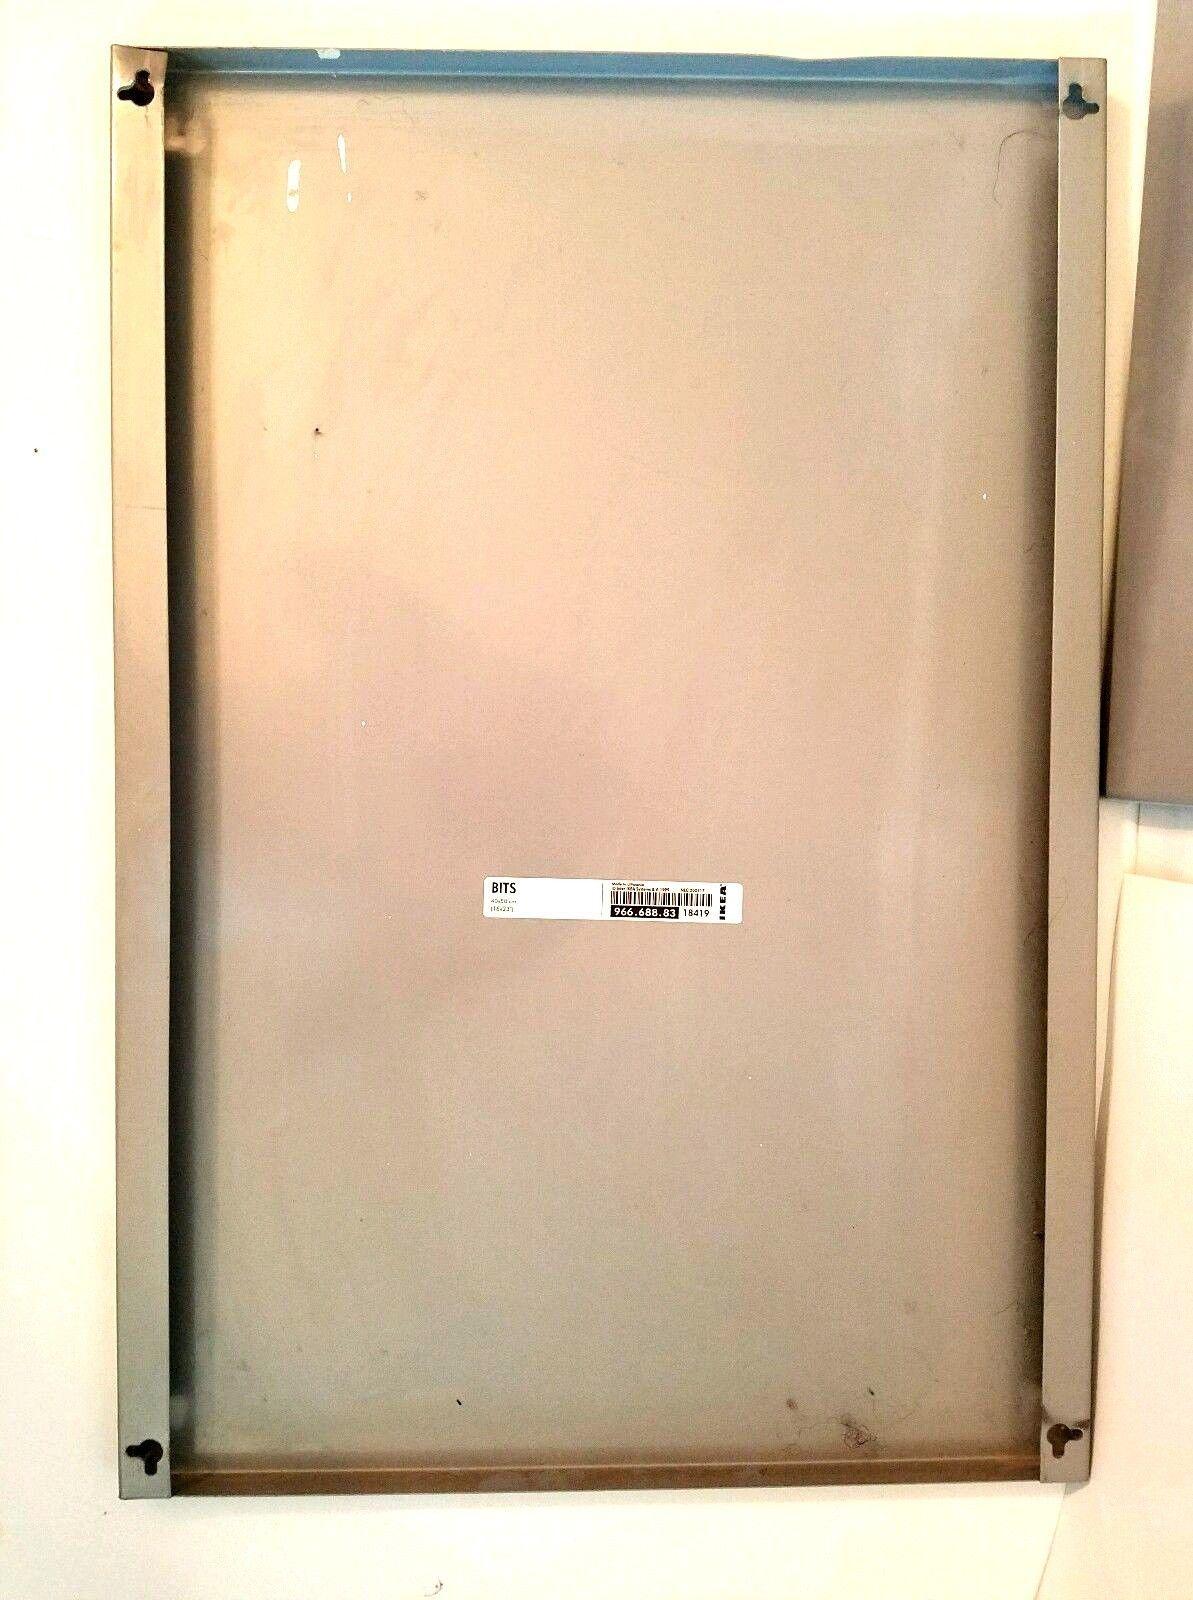 ikea magnetic bits board message boards holders. Black Bedroom Furniture Sets. Home Design Ideas